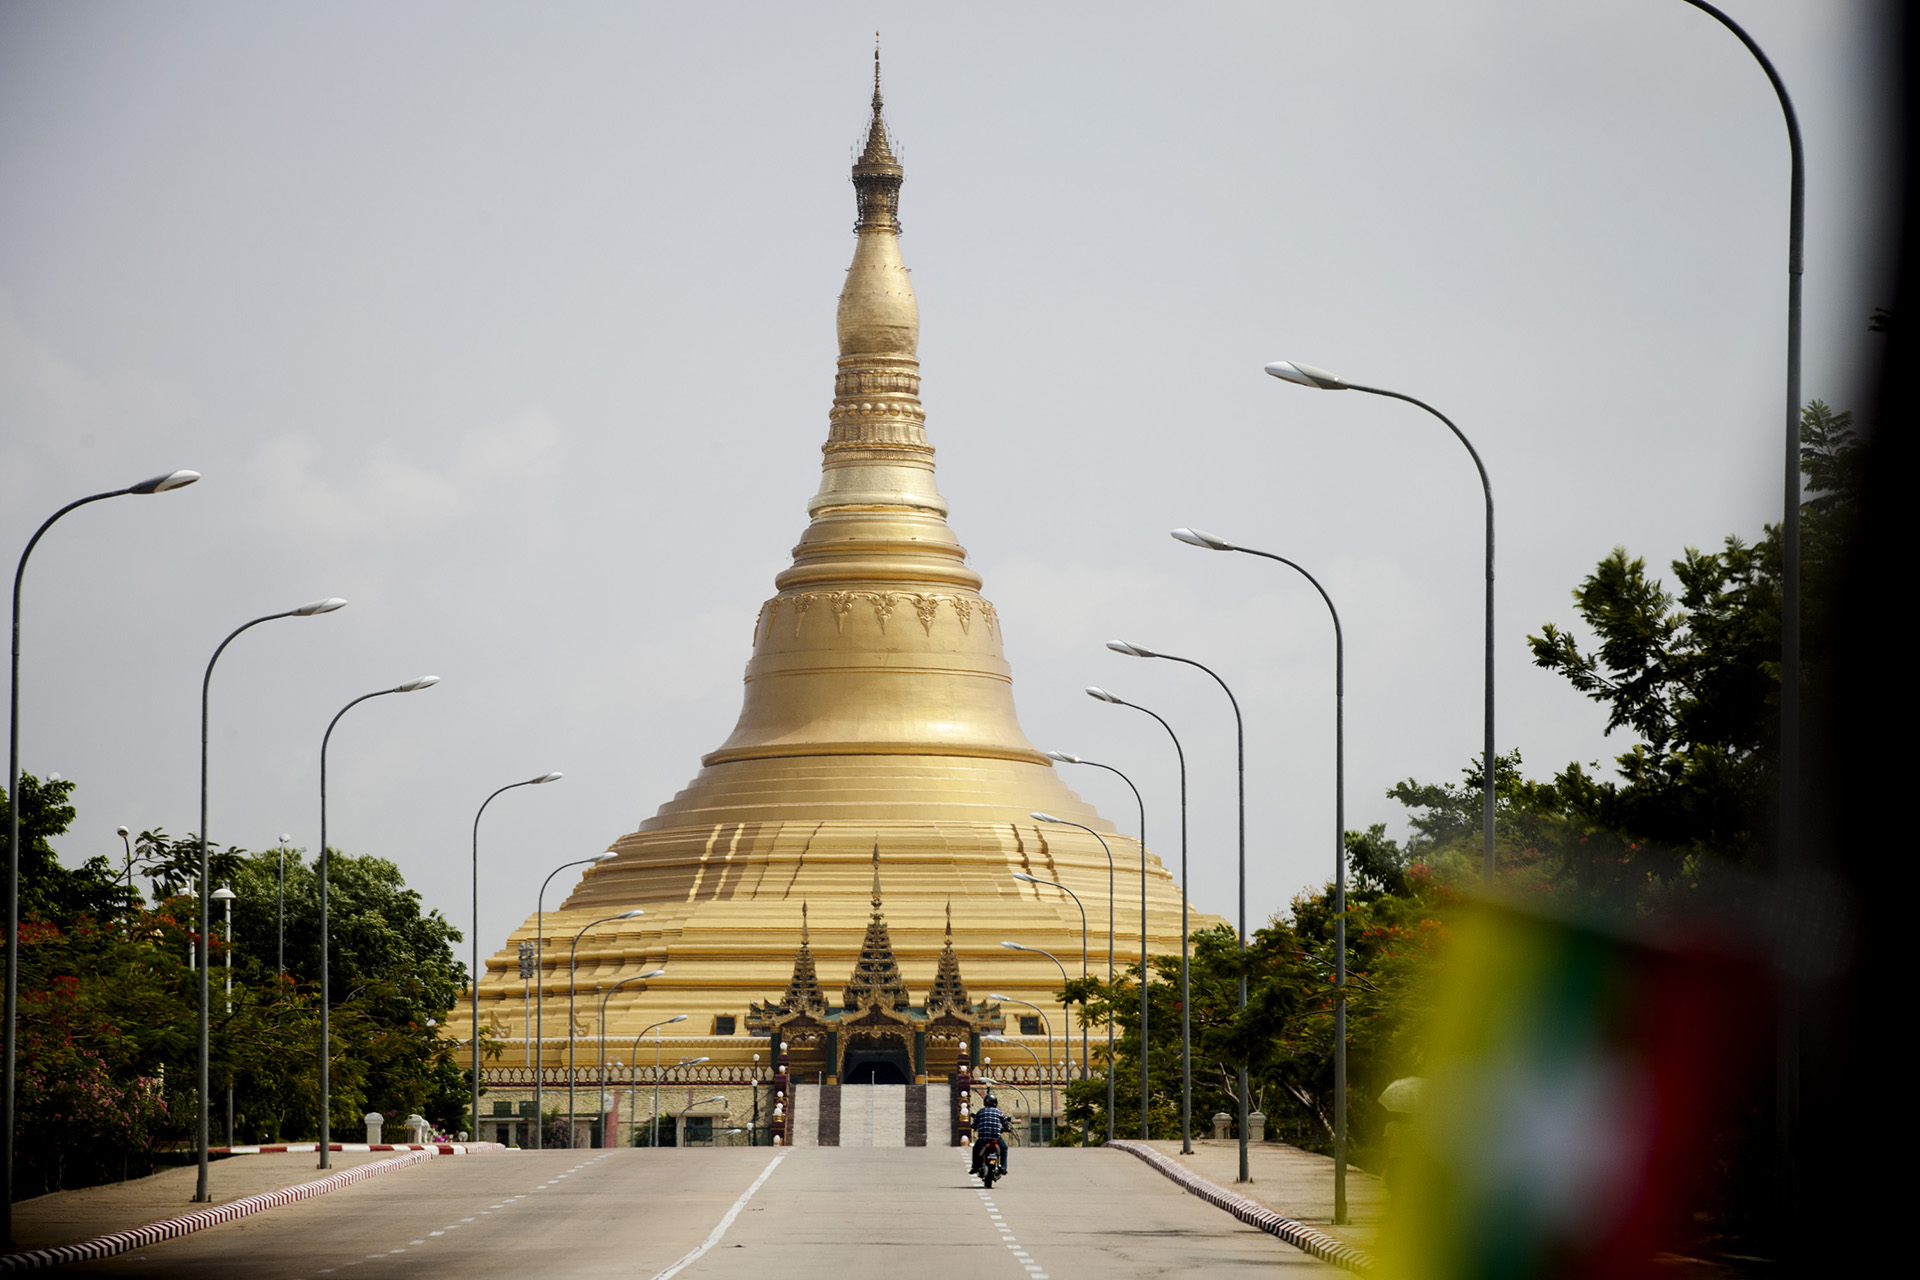 La pagode Uppatasanti a été terminée en 2009. Elle est la réplique exacte de la pagode Shwe Dagon de Rangoun à la différence qu'elle fait 30 cm de moins et qu'elle a été construite à la va-vite. Naypyidaw, Birmanie. Mai 2015.